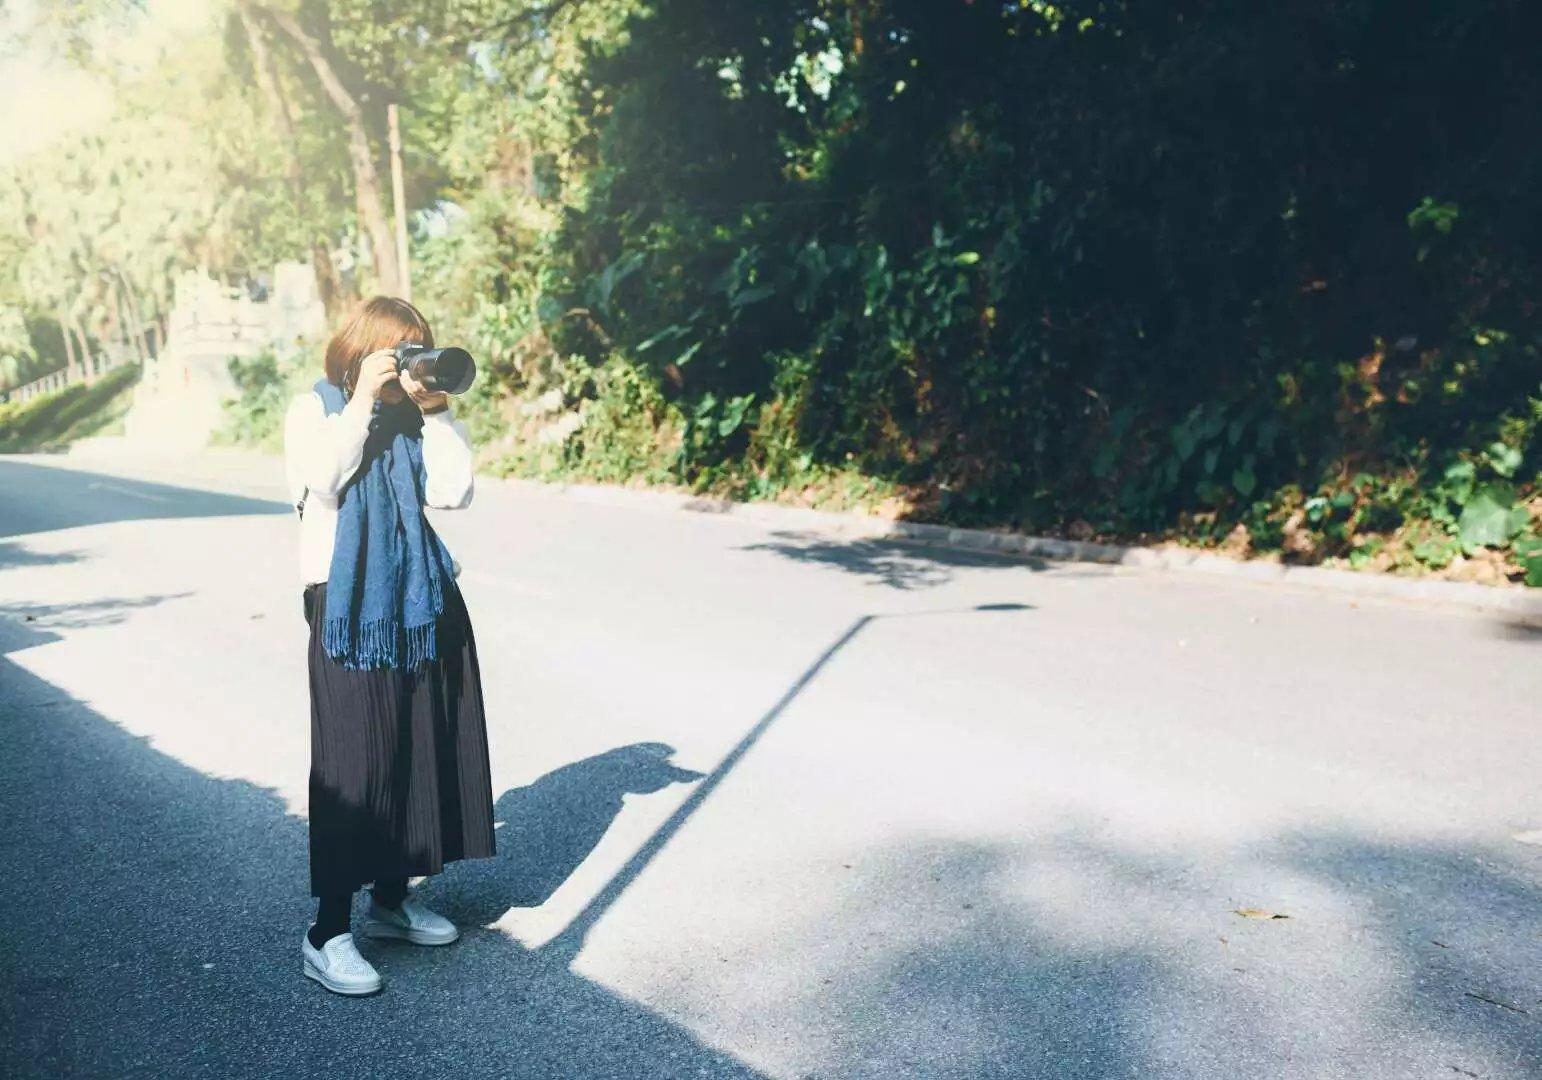 小萝莉的照片肖妹妹